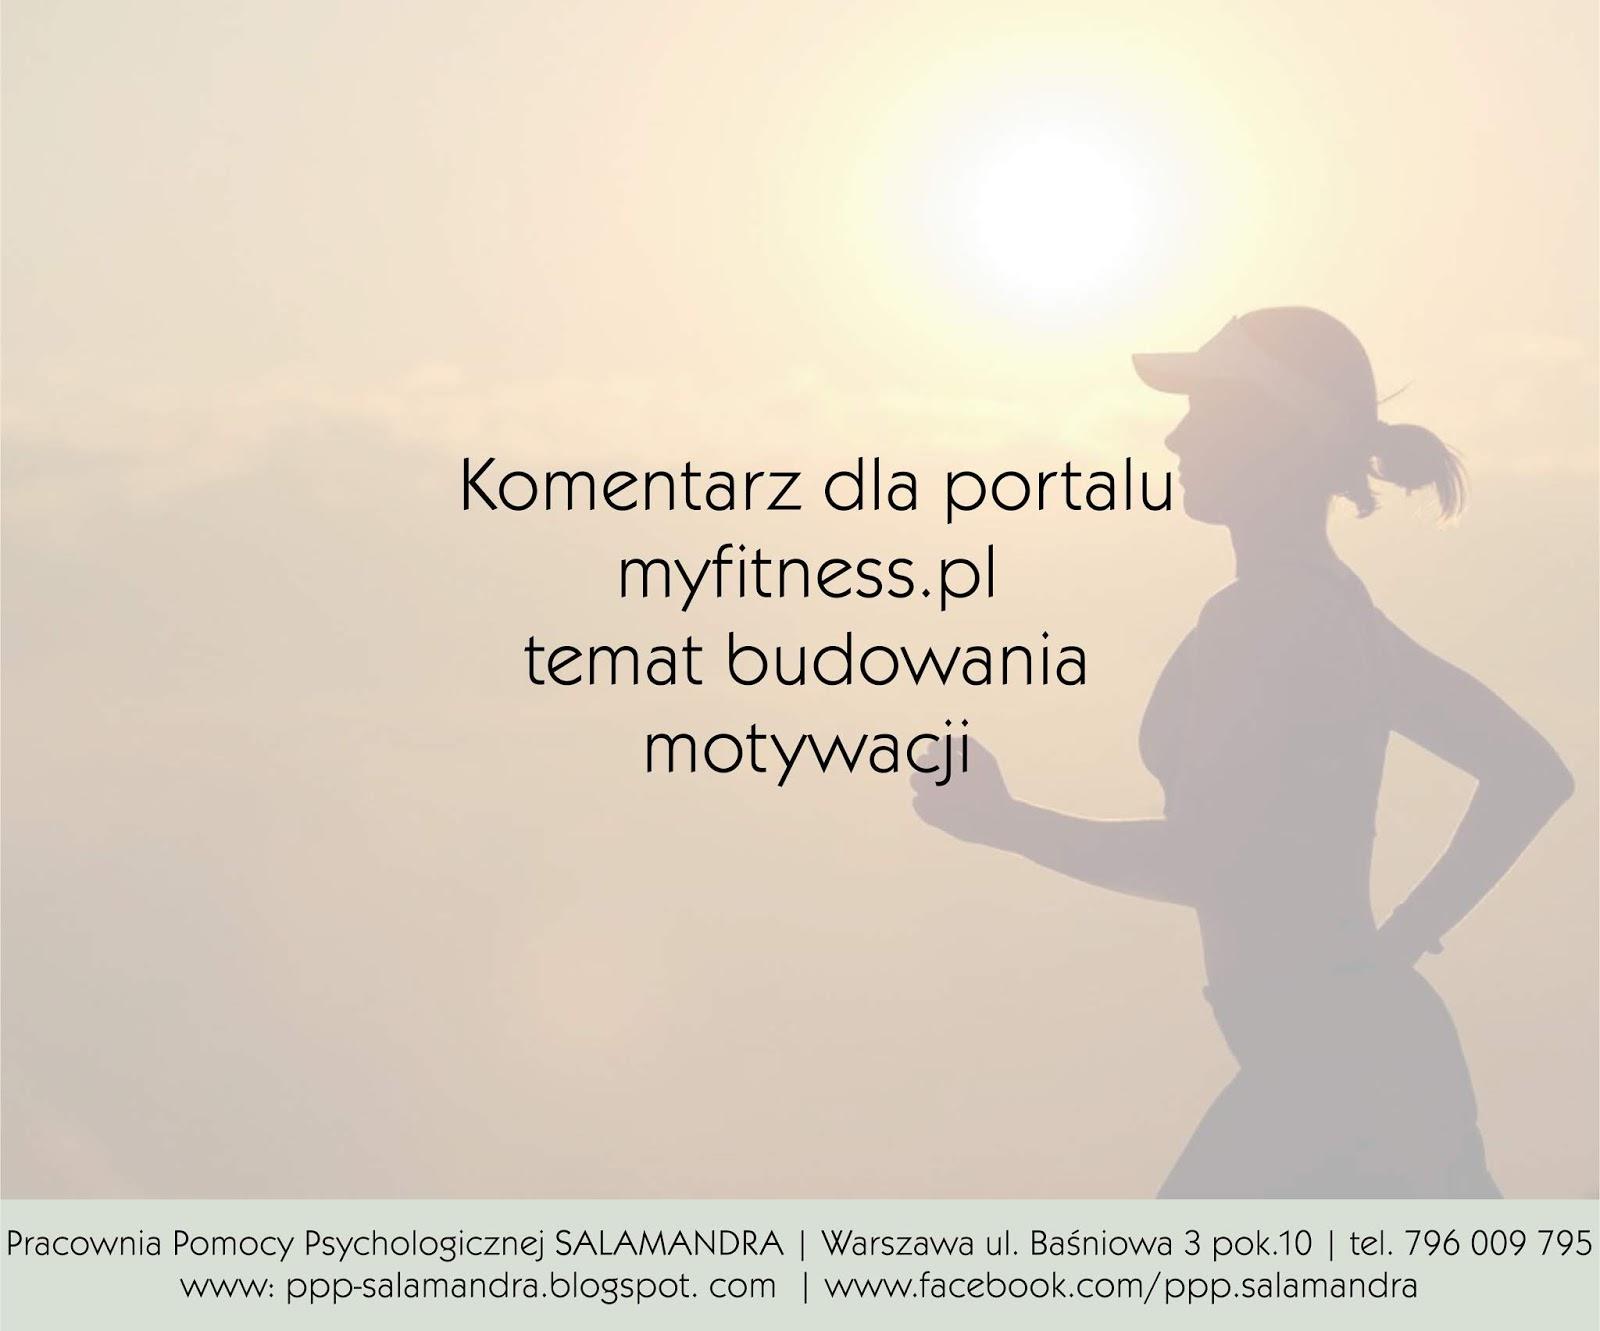 Jak sobie radzić ze spadkiem motywacji - komentarz psychologa dla portalu myfitness.pl